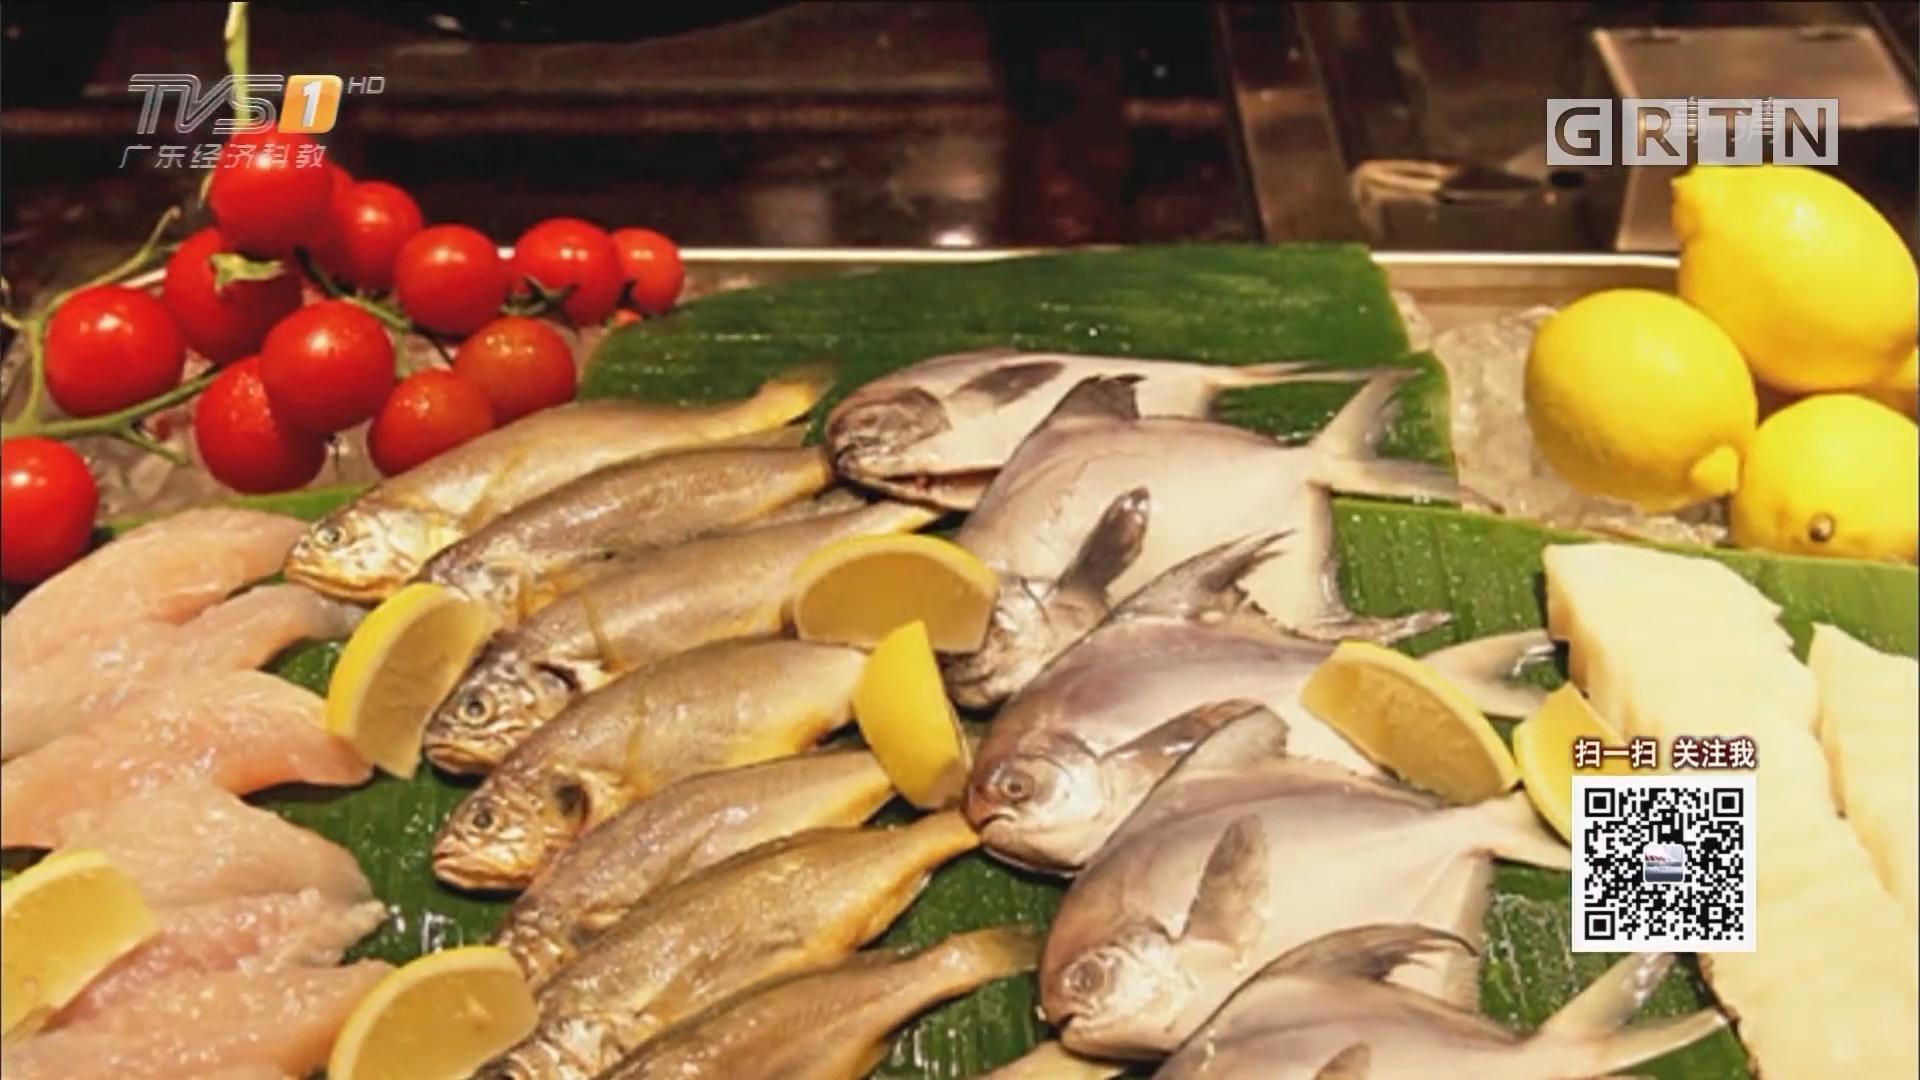 消费提示:省食药监局提醒:旅游团餐尽量不选择生吃海鲜